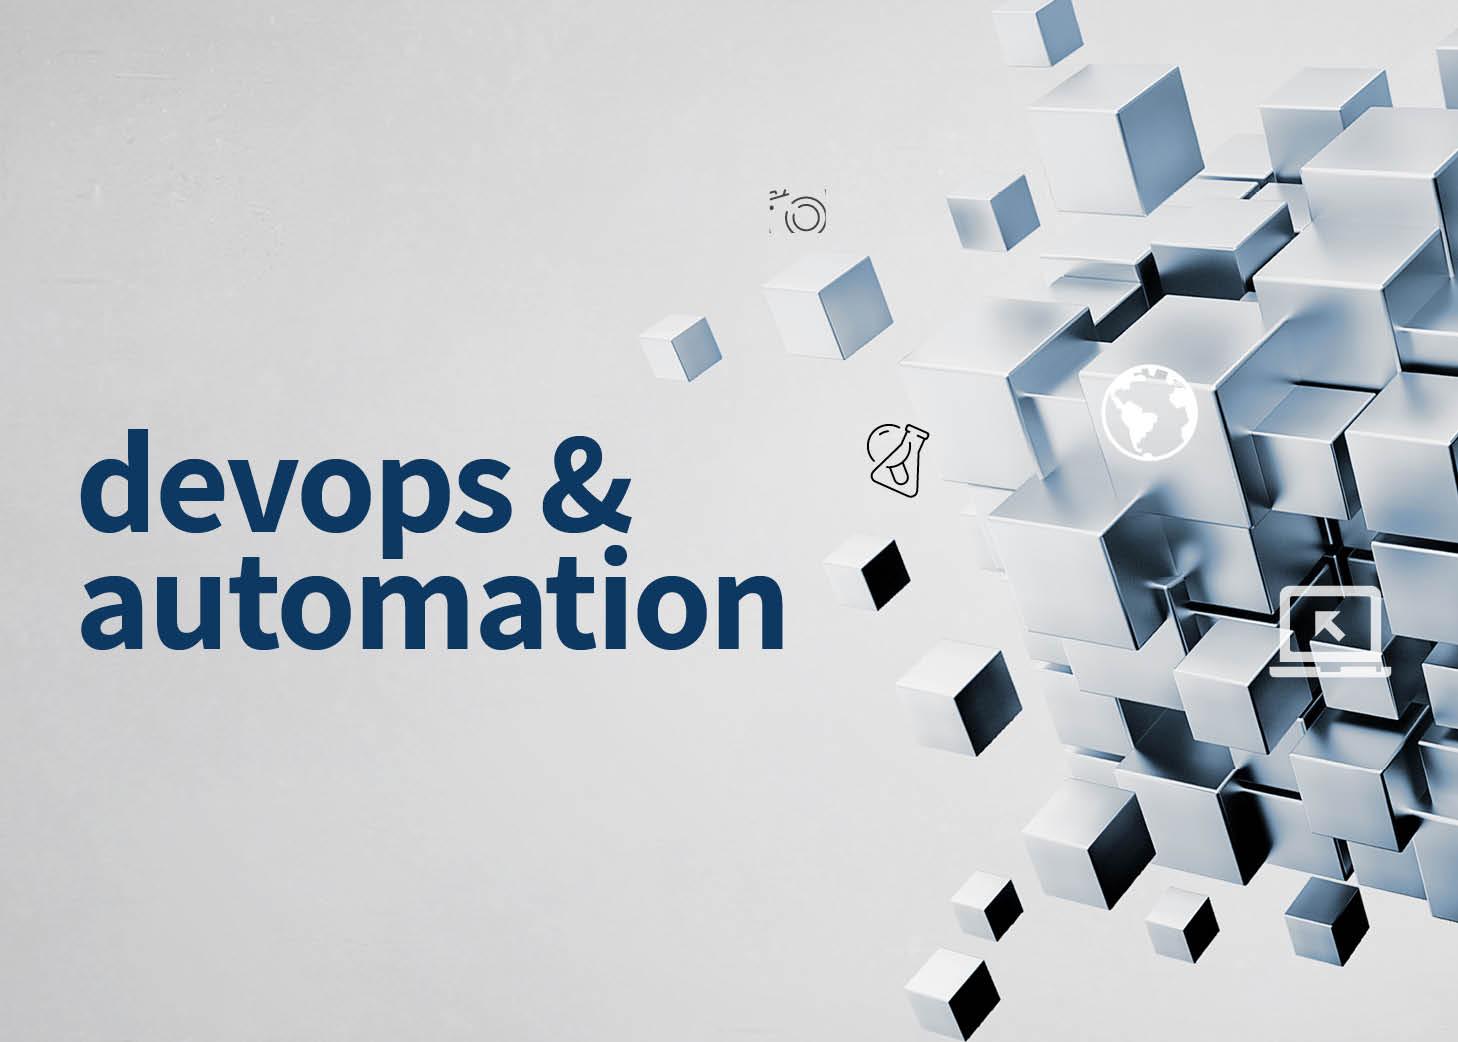 , devops mobile, רישוי תוכנה, ייעוץ תוכנה, שירותים מקצועיים בענן